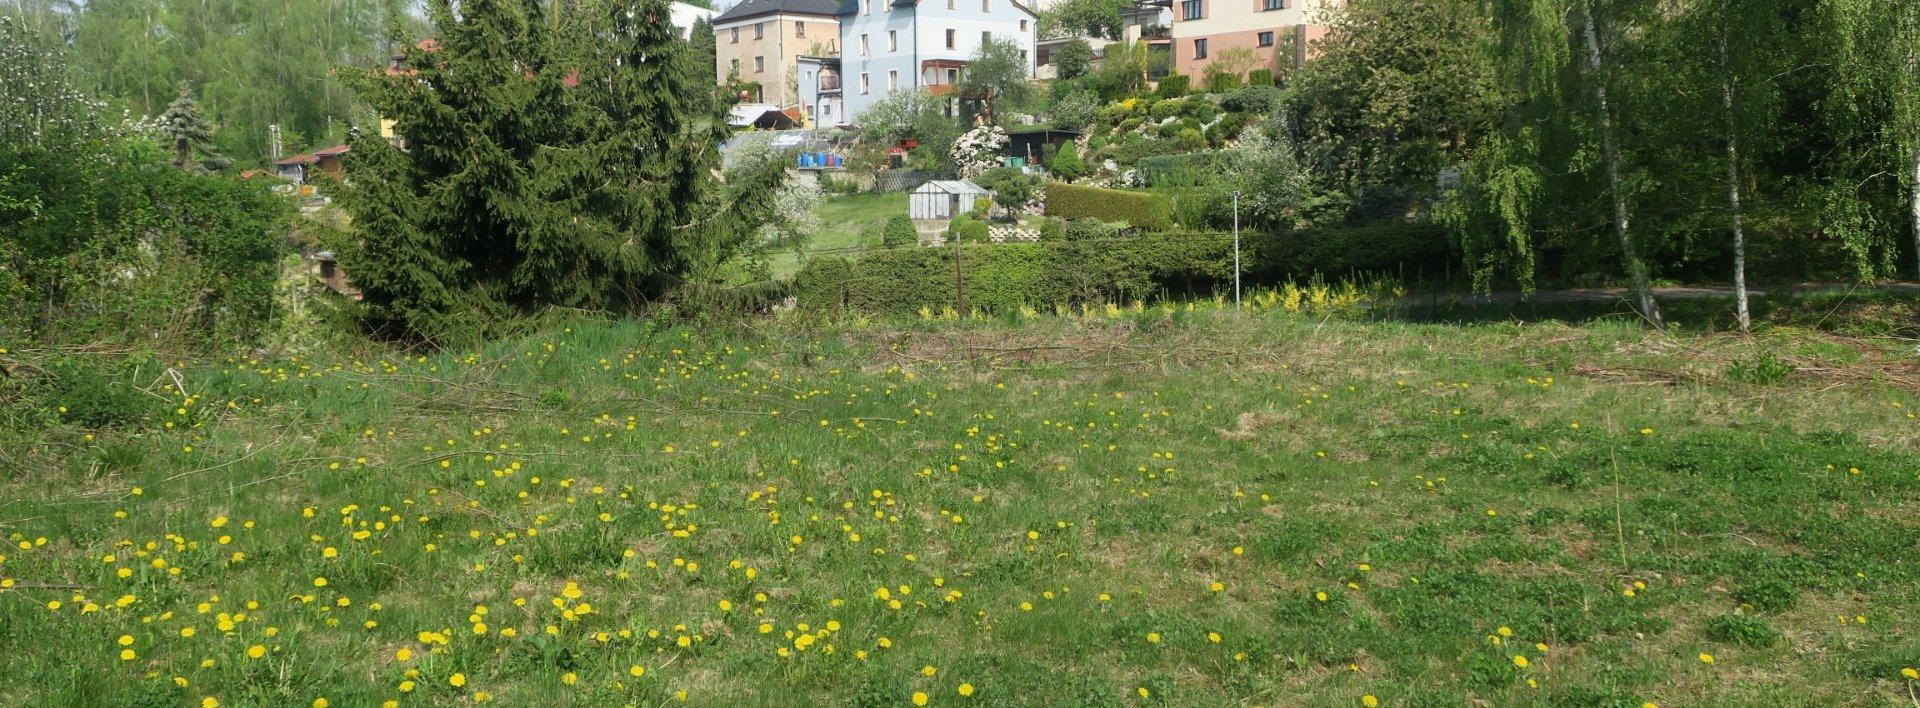 Pozemek v klidné části, nedaleko centra Liberce